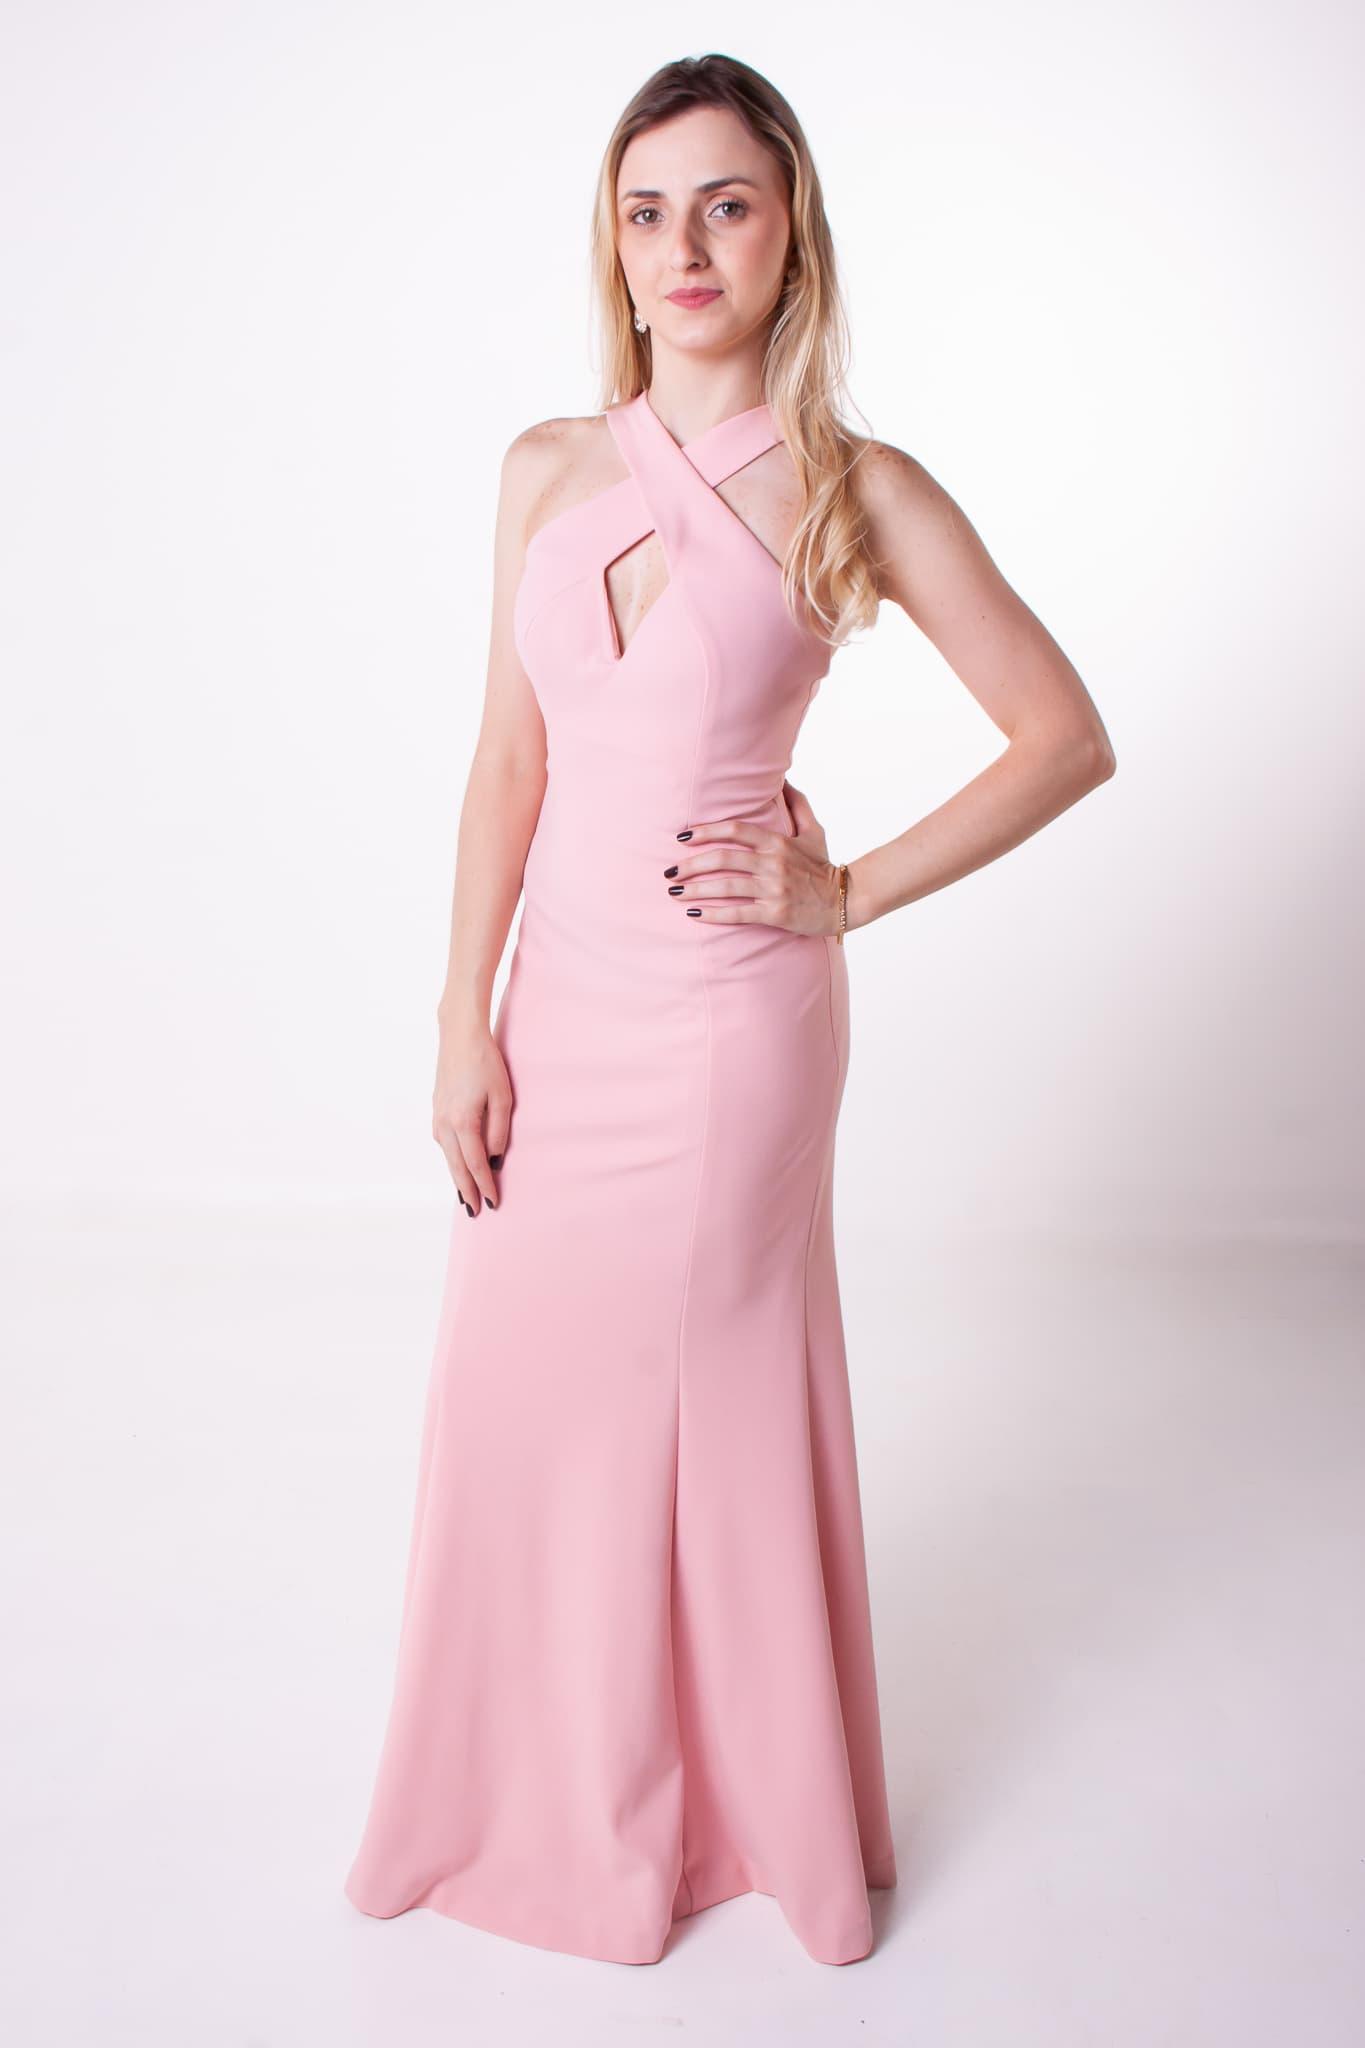 12 - Vestido rosê cruzado frente